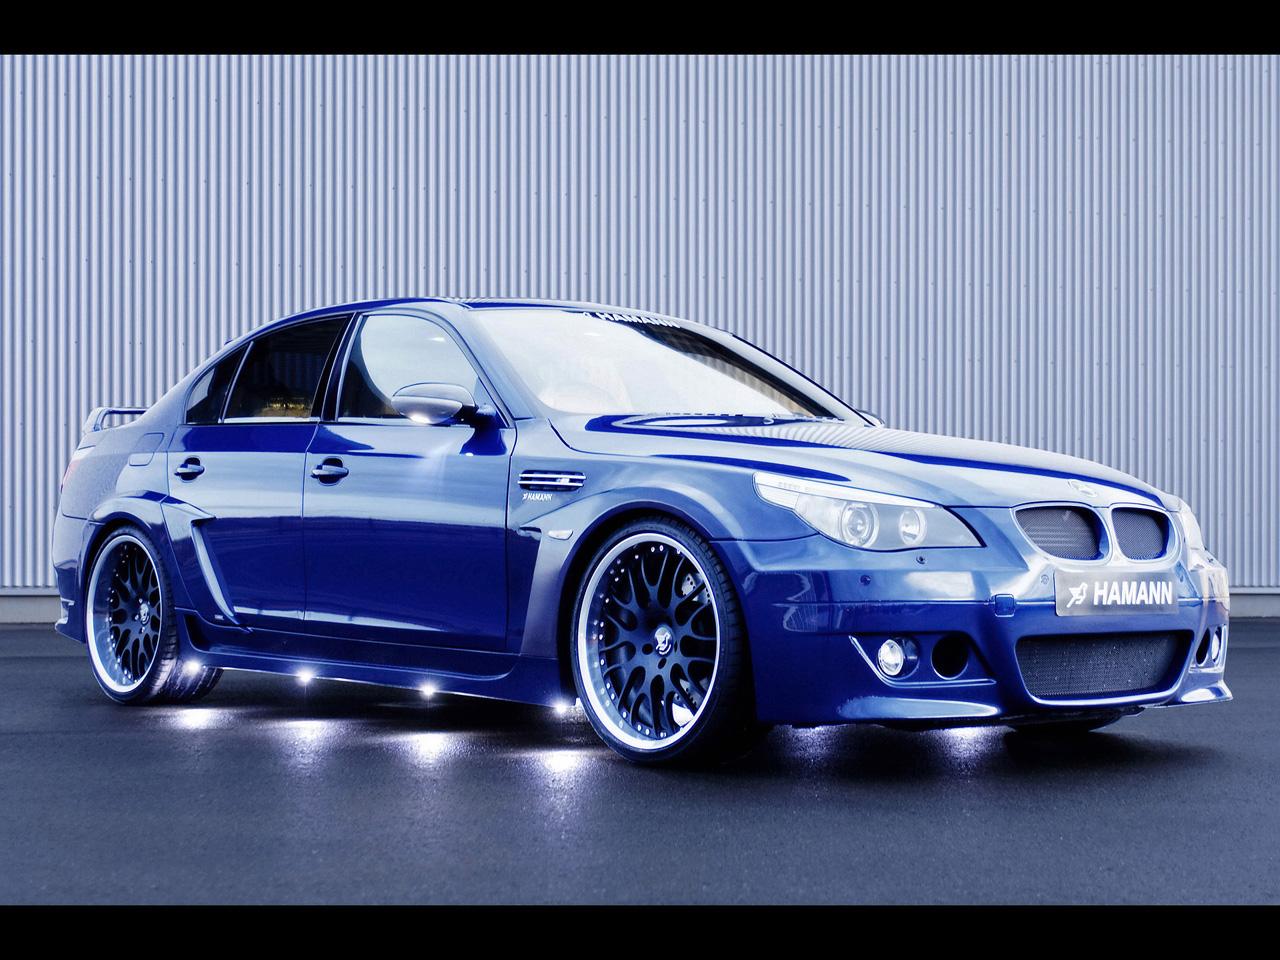 http://3.bp.blogspot.com/-2s2H7WxNFt4/TmEk8V6gMCI/AAAAAAAAAns/Xv132jBMU5U/s1600/Hamann-BMW_M5_mp138_pic_34420.jpg